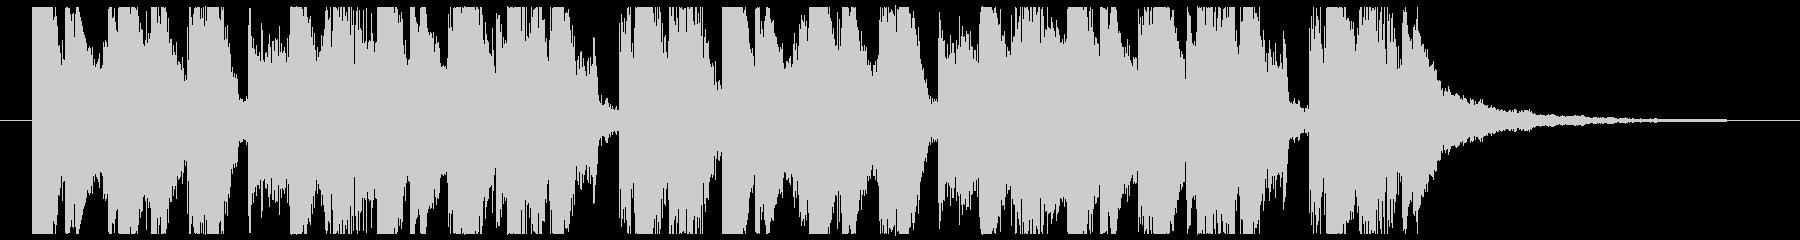 ピアノCM15秒 大人のムード演出にの未再生の波形